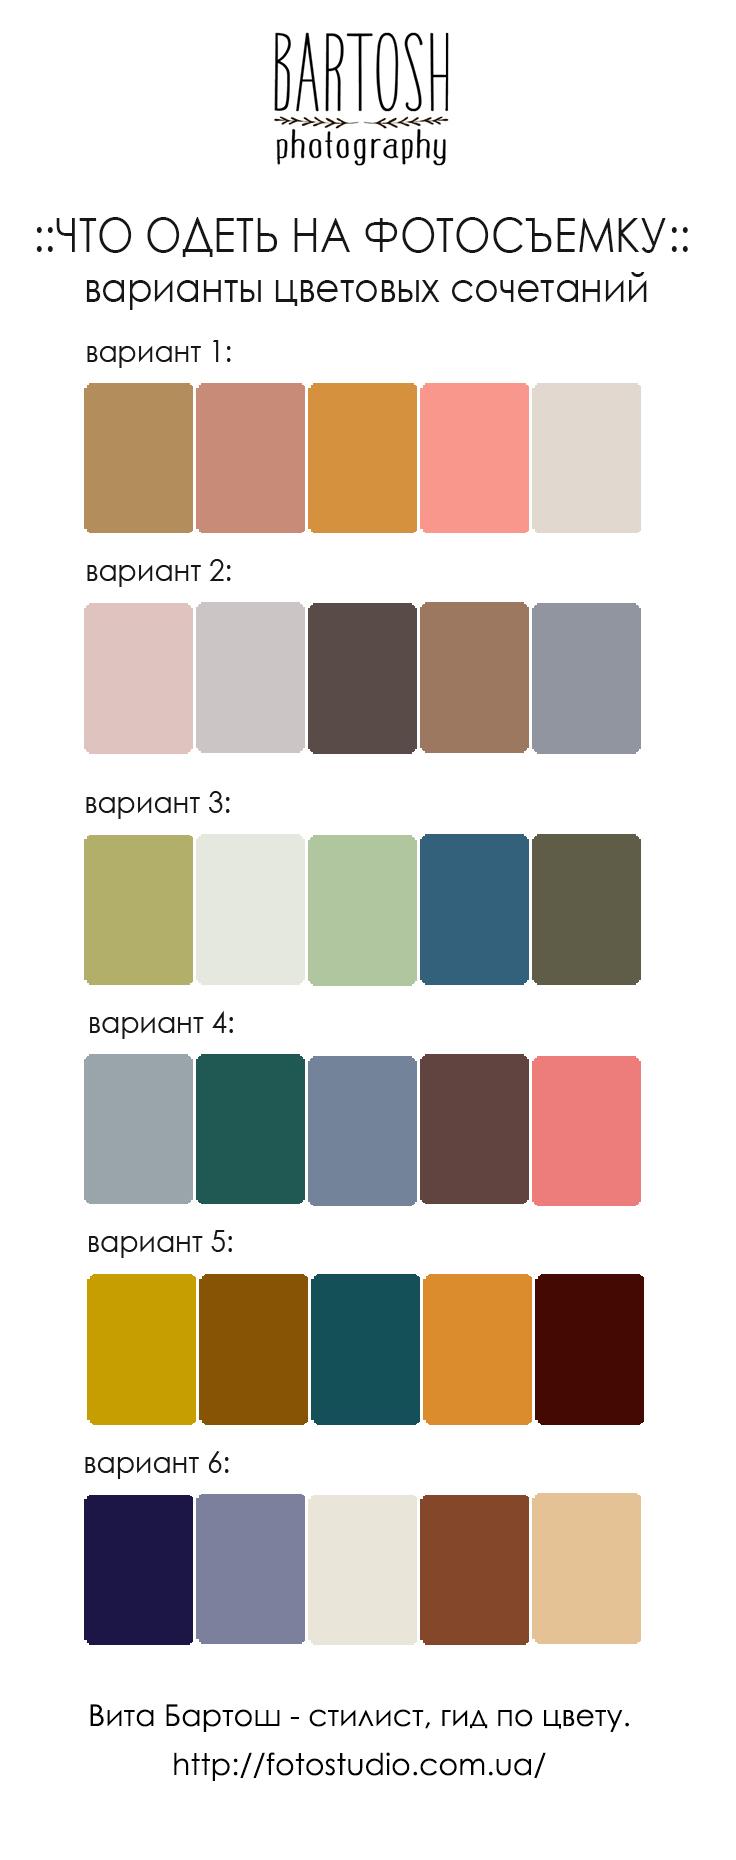 Гармоничные цветовые сочетания в одежде. Советы по выбору